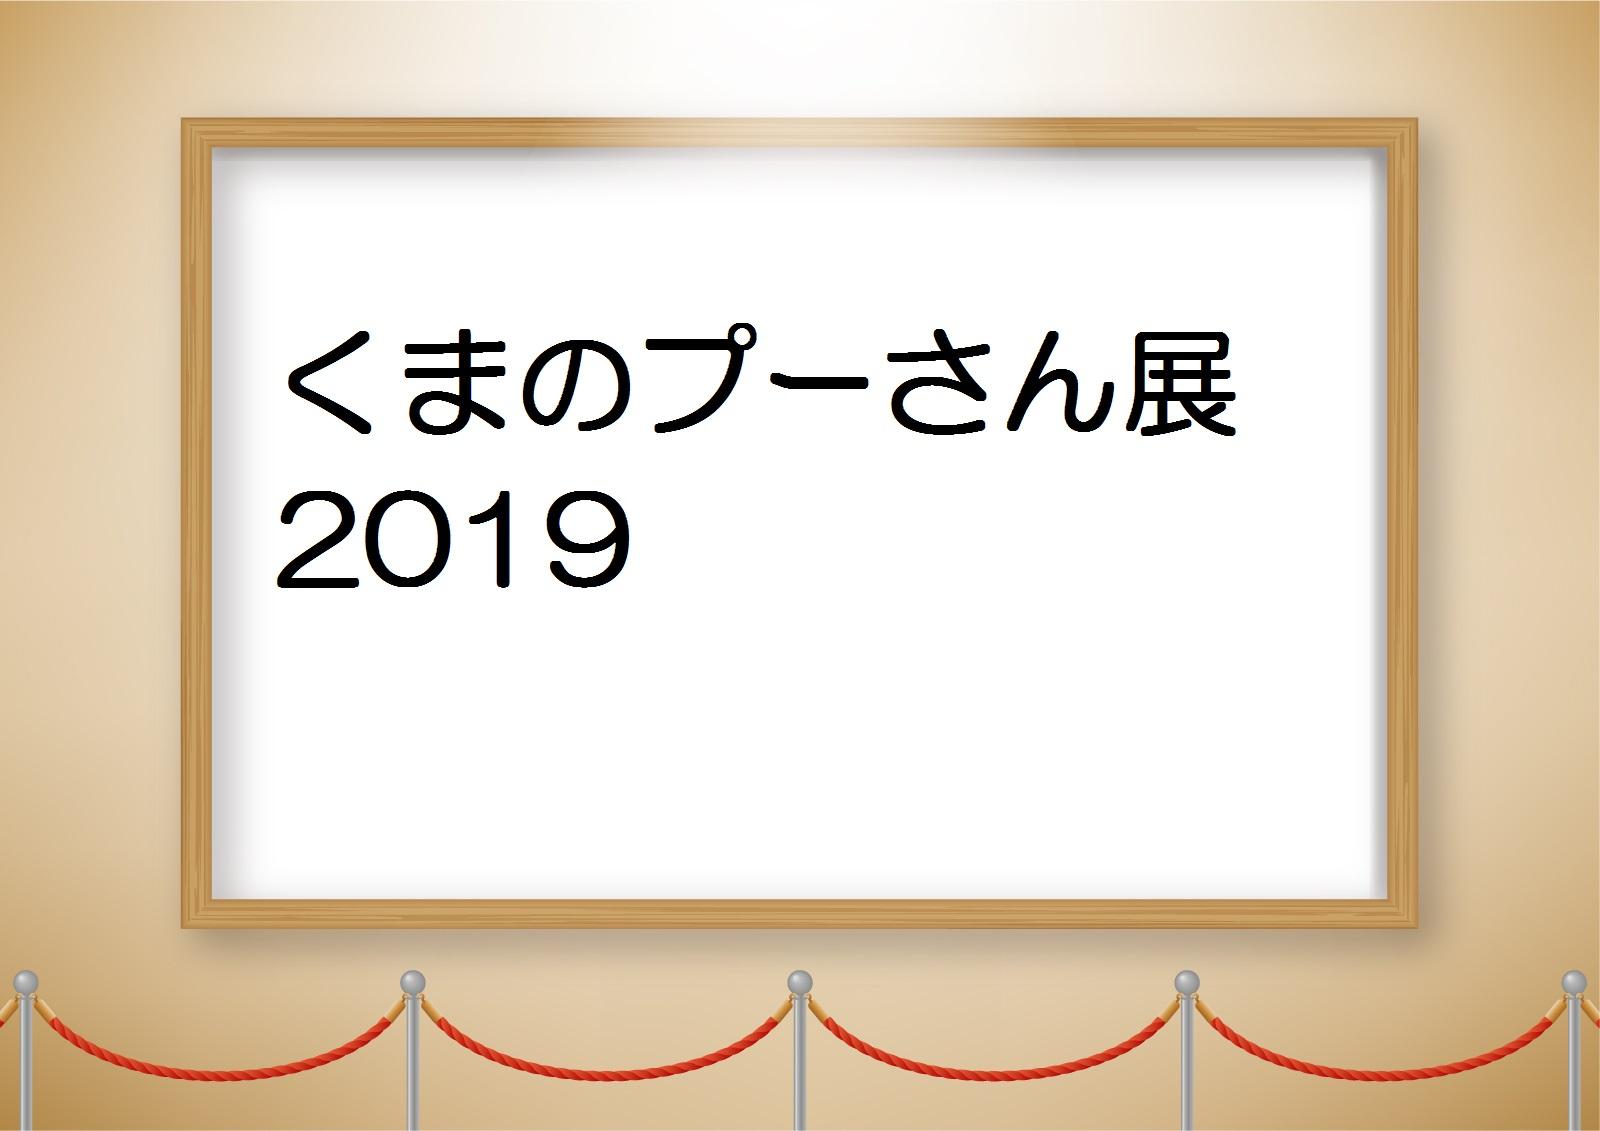 プーさん展 2019 混雑